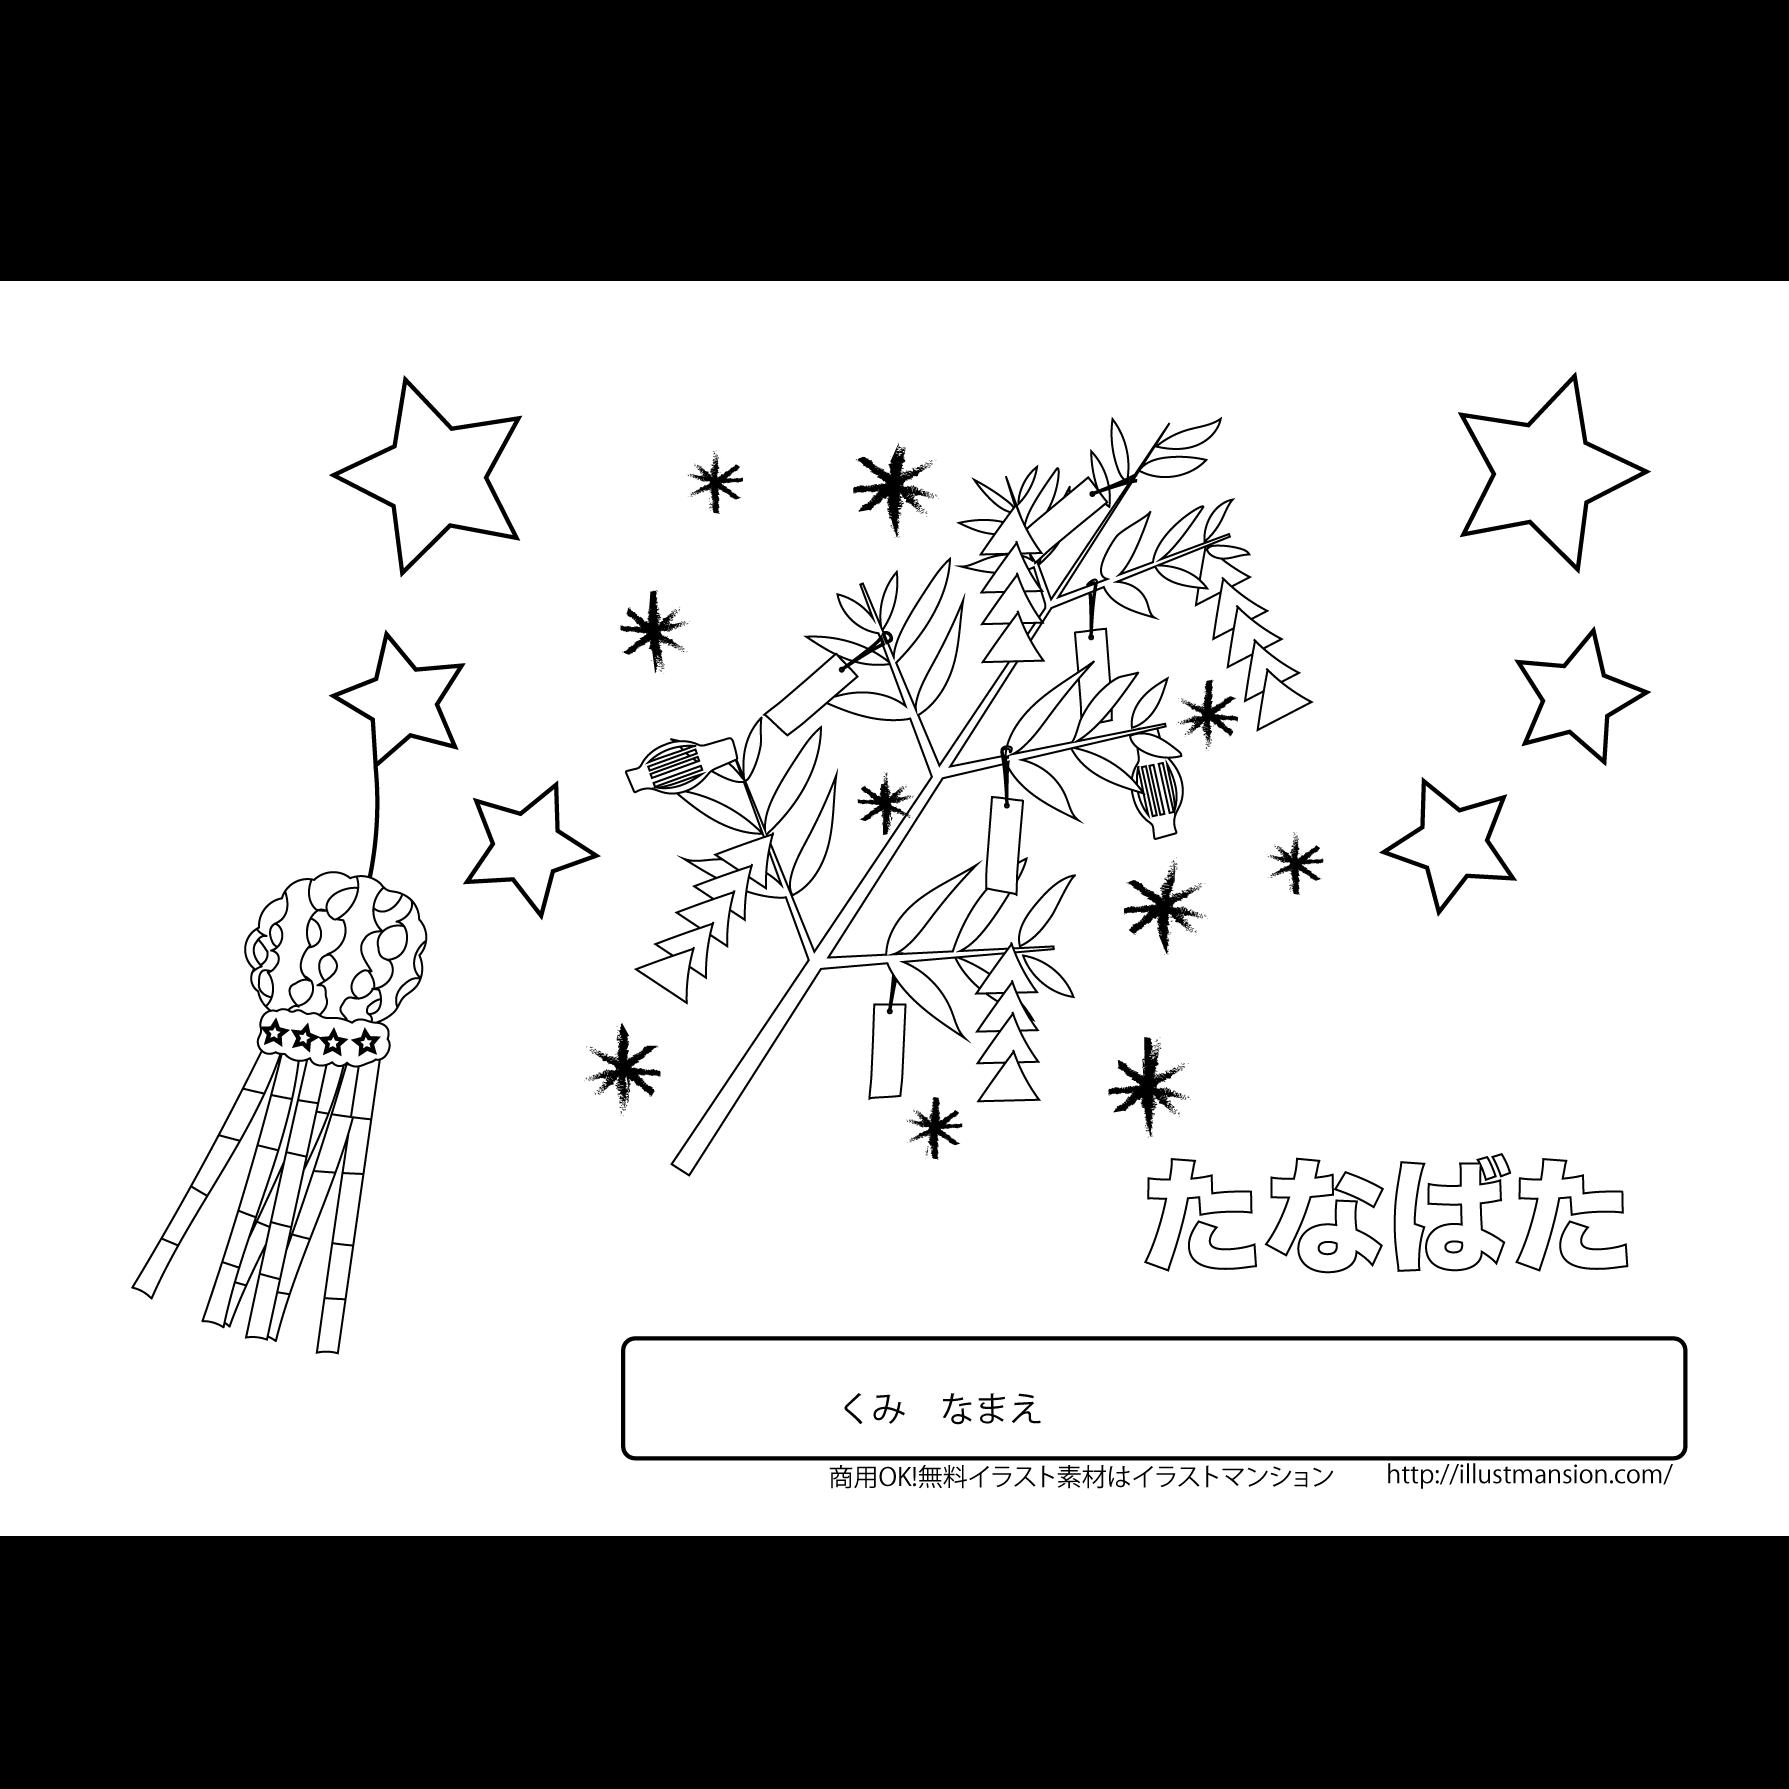 七夕飾り 子供用 無料 ぬりえ イラスト 商用フリー無料のイラスト